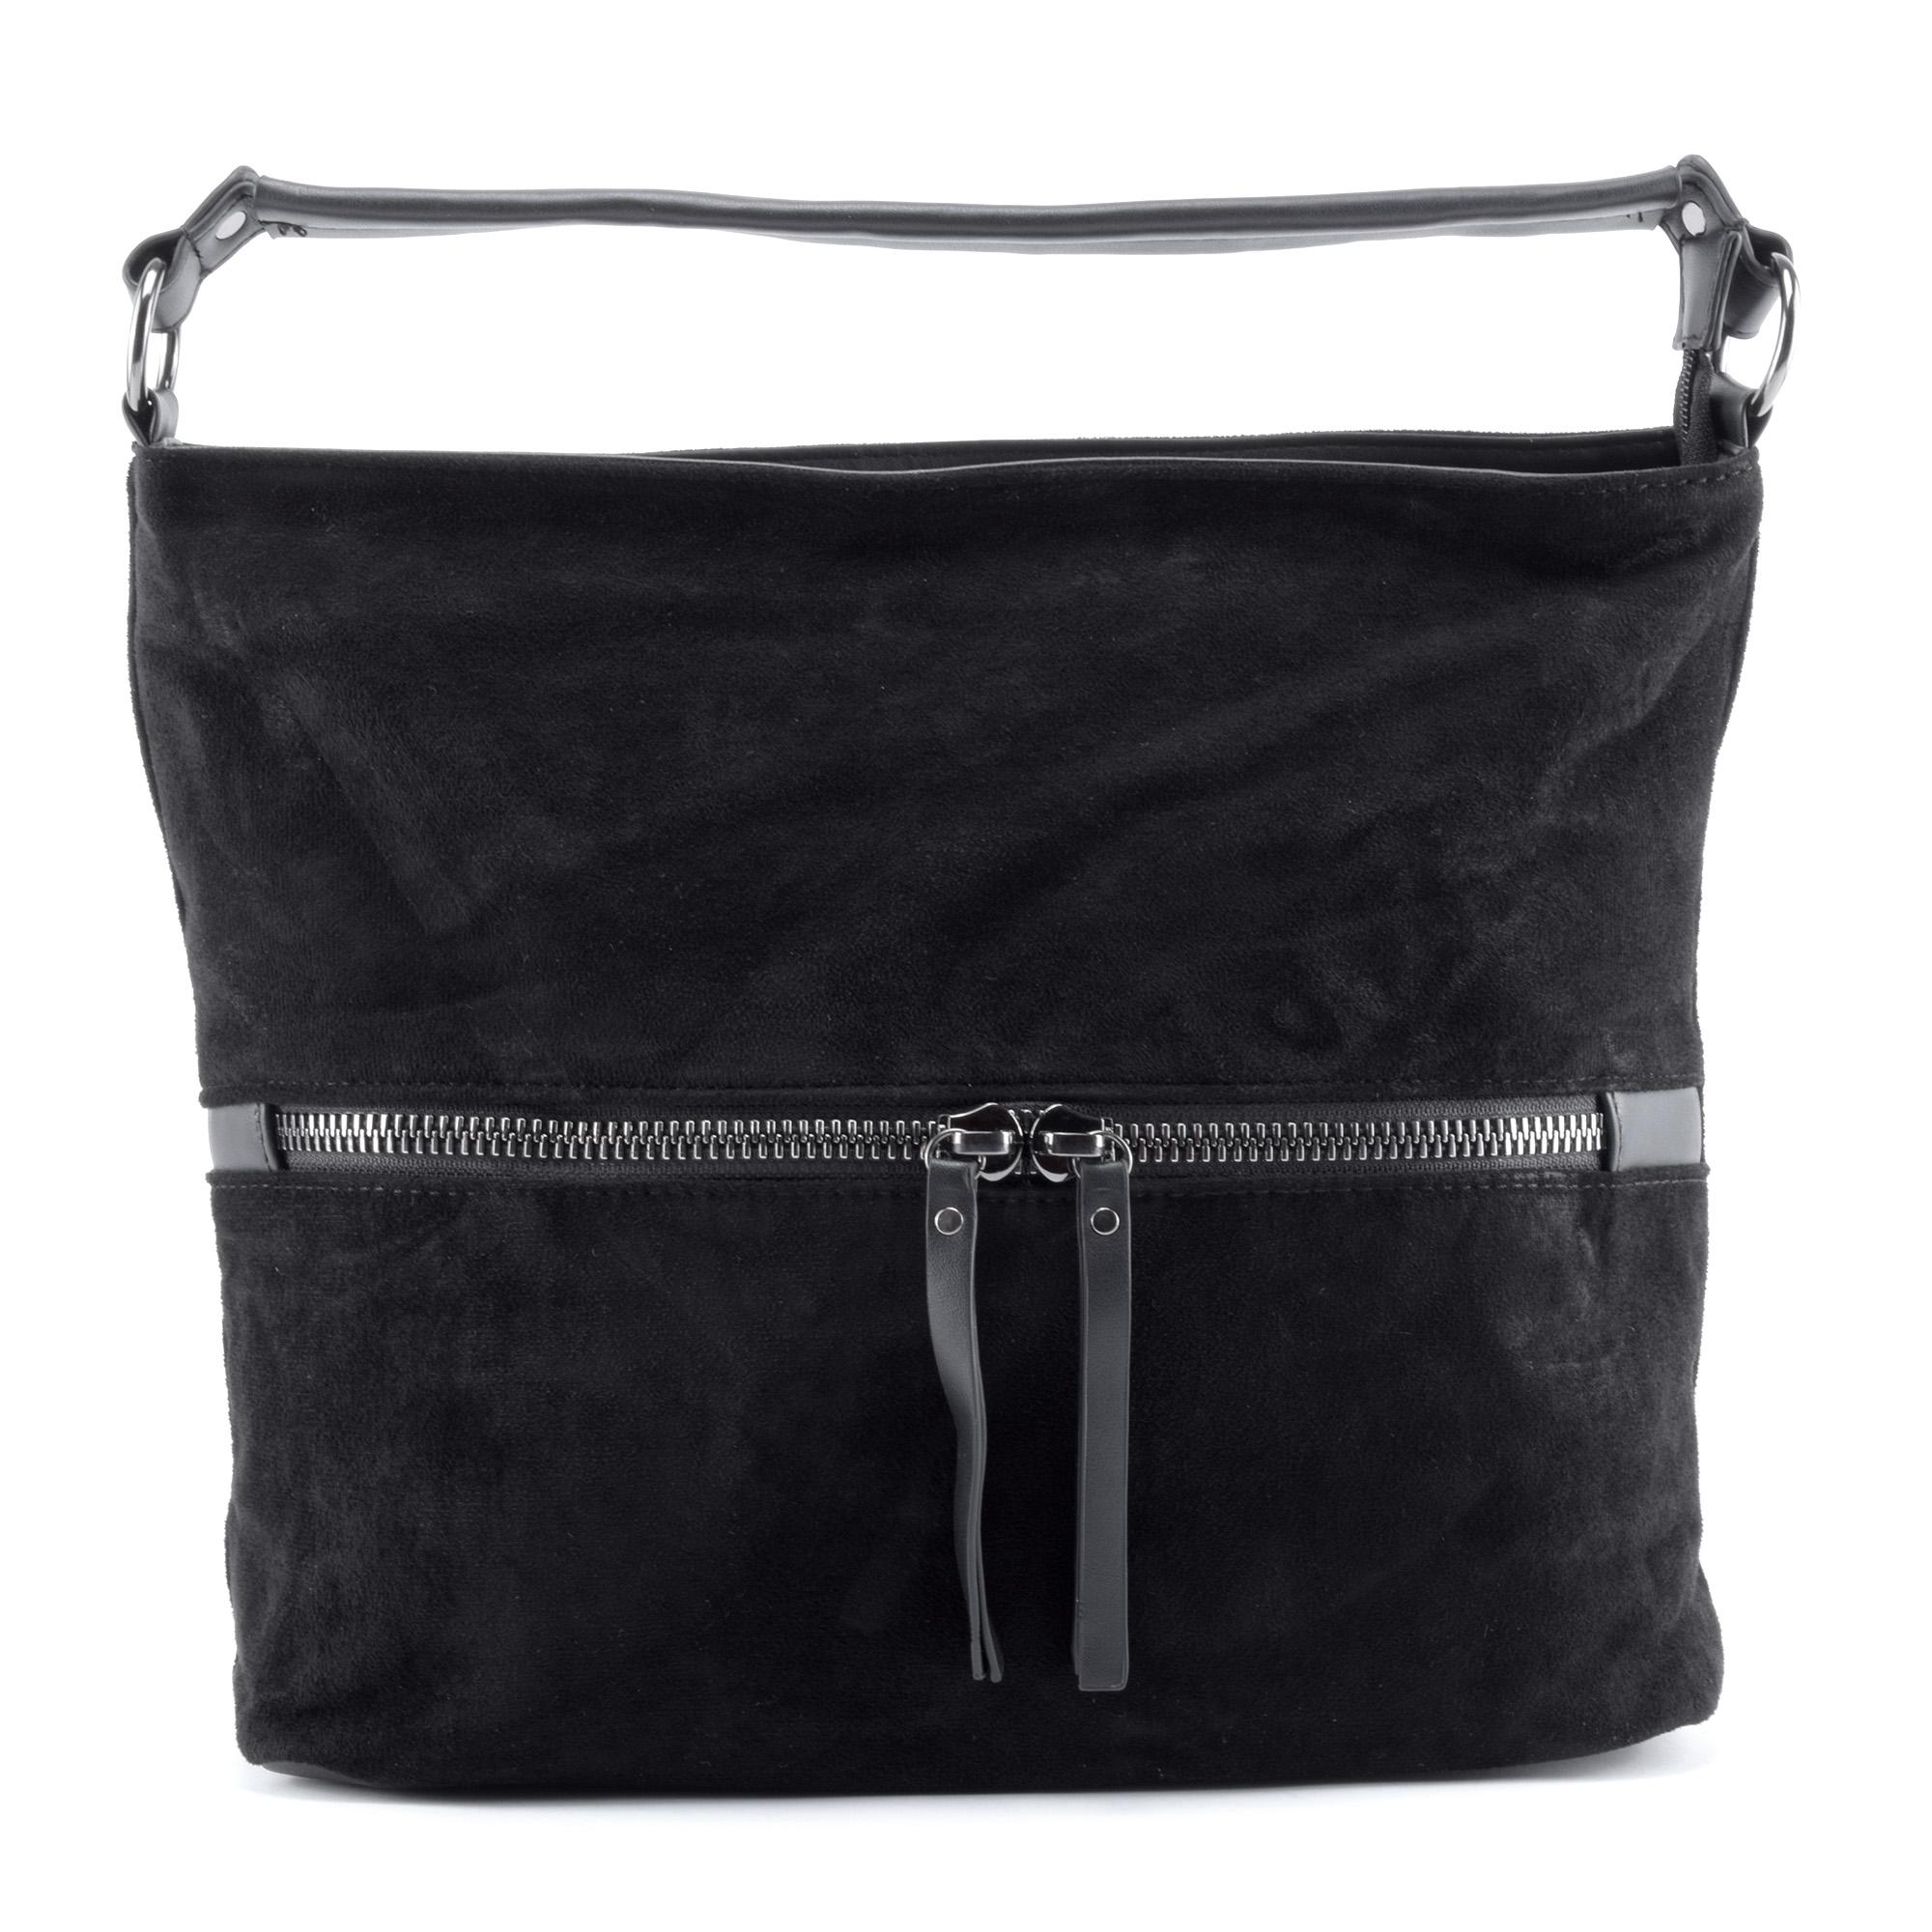 USF fekete női művelúr válltáska - Válltáskák - Táska webáruház - Minőségi  táskák mindenkinek 220e9467ce